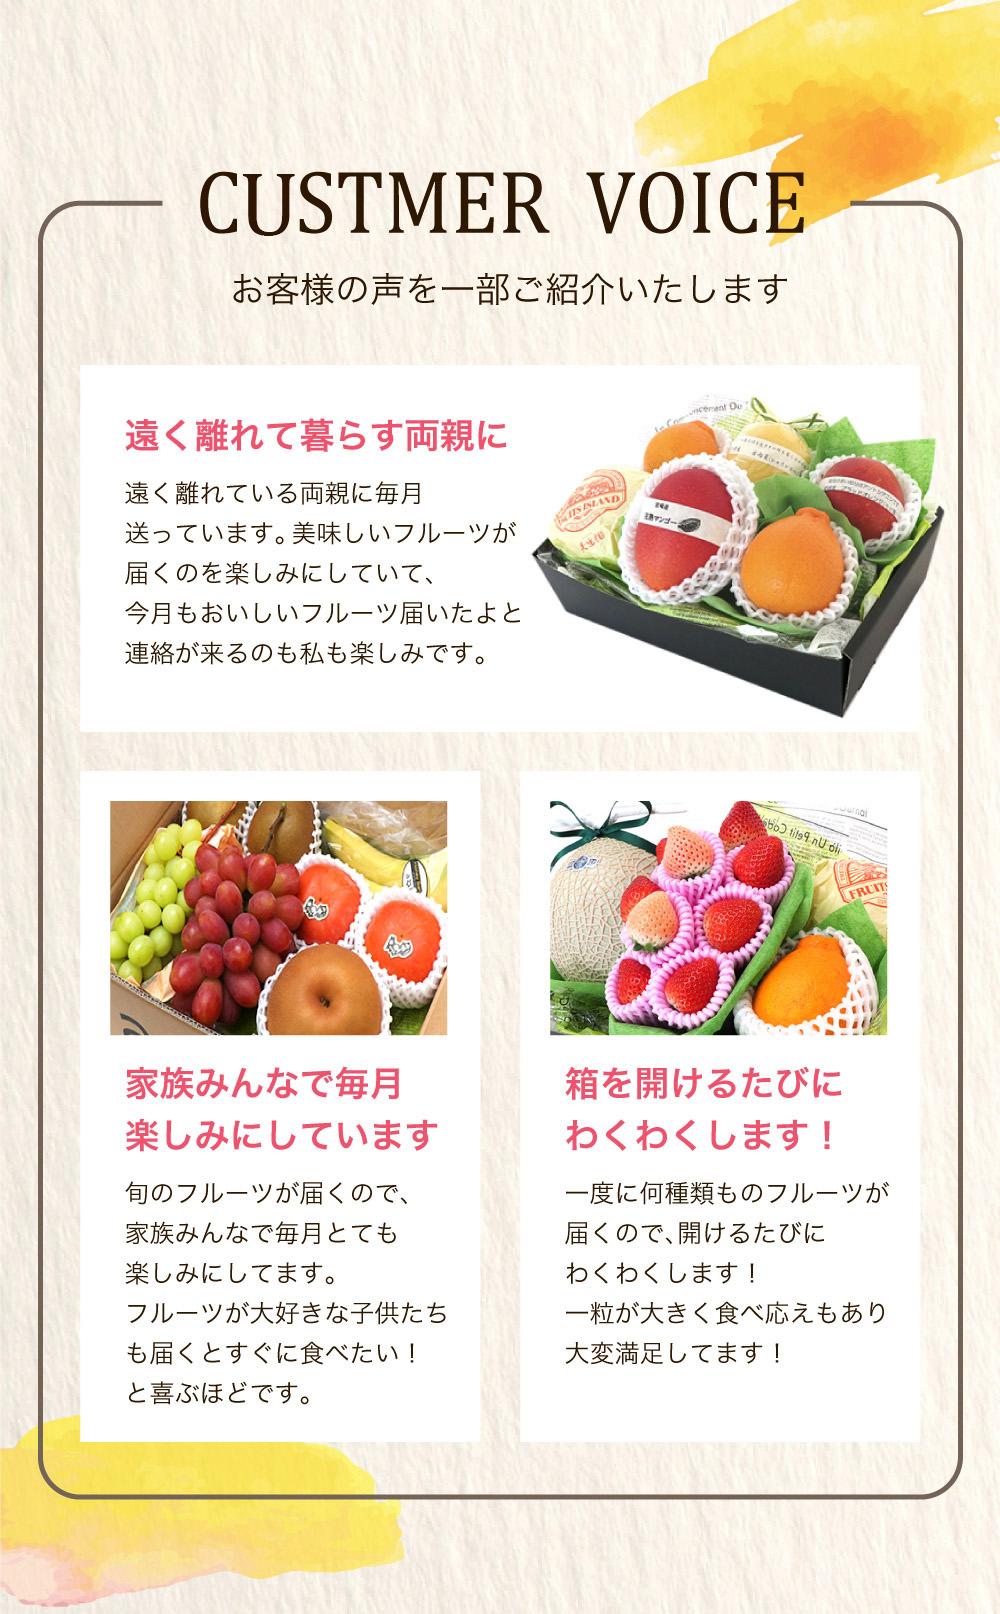 お客様の声 糖く離れて暮らす両親に果物を贈っています。家族みんなで毎月楽しみにしています。箱を開ける度にわくわくします。